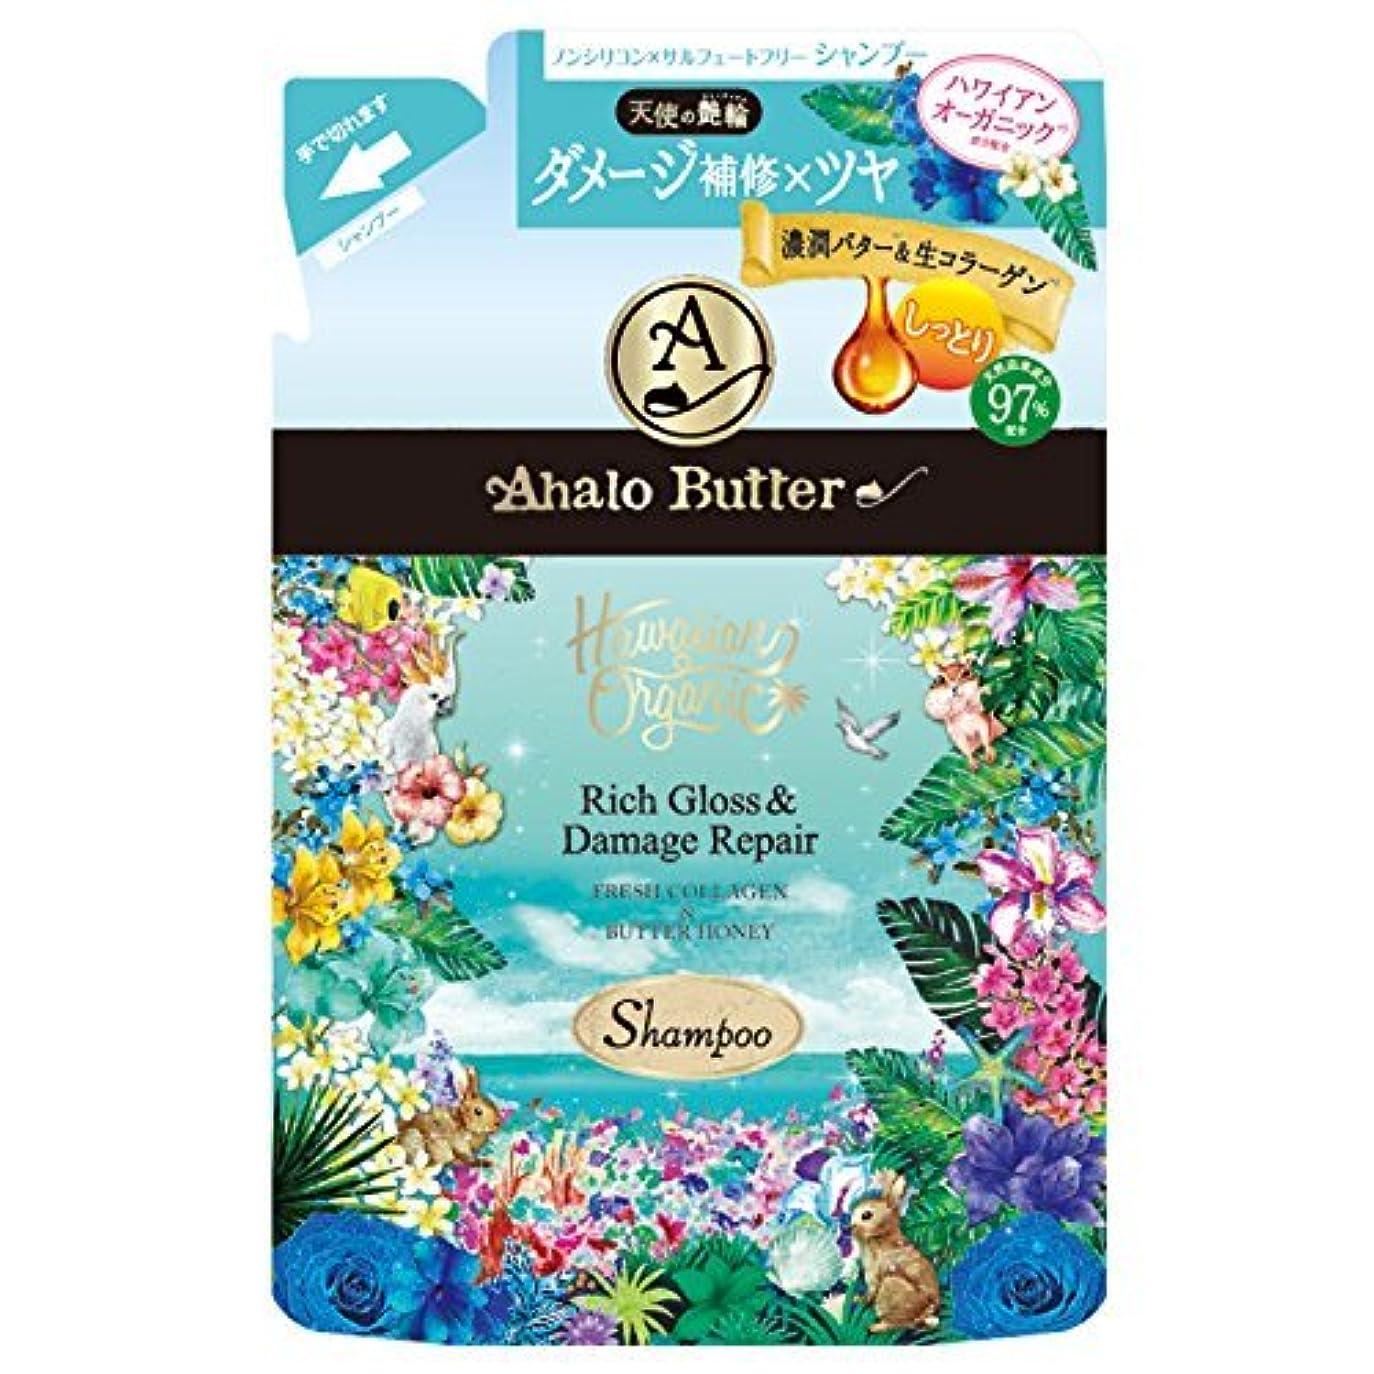 増強するまぶしさメロンAhalo butter(アハロバター) ハワイアンオーガニック リッチグロス&ダメージリペア モイストシャンプー / 詰め替え / 400ml